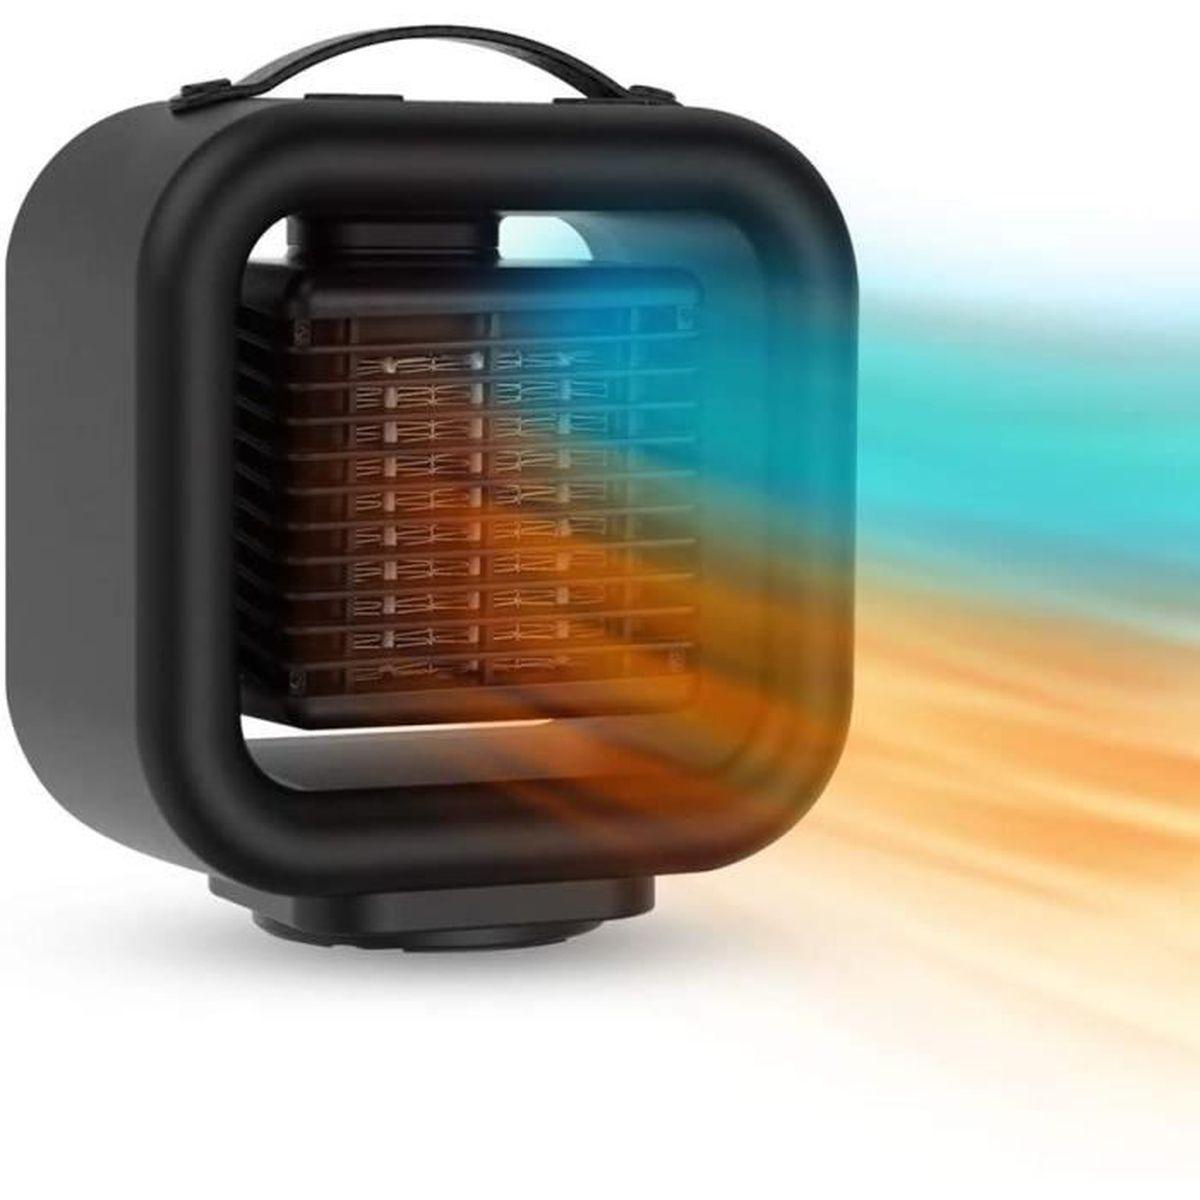 salle de bain bureau Radiateur soufflant Qfun 1000 W pour salle de bain /à /économie d/énergie avec oscillation automatique Tr/ès silencieux pour salon